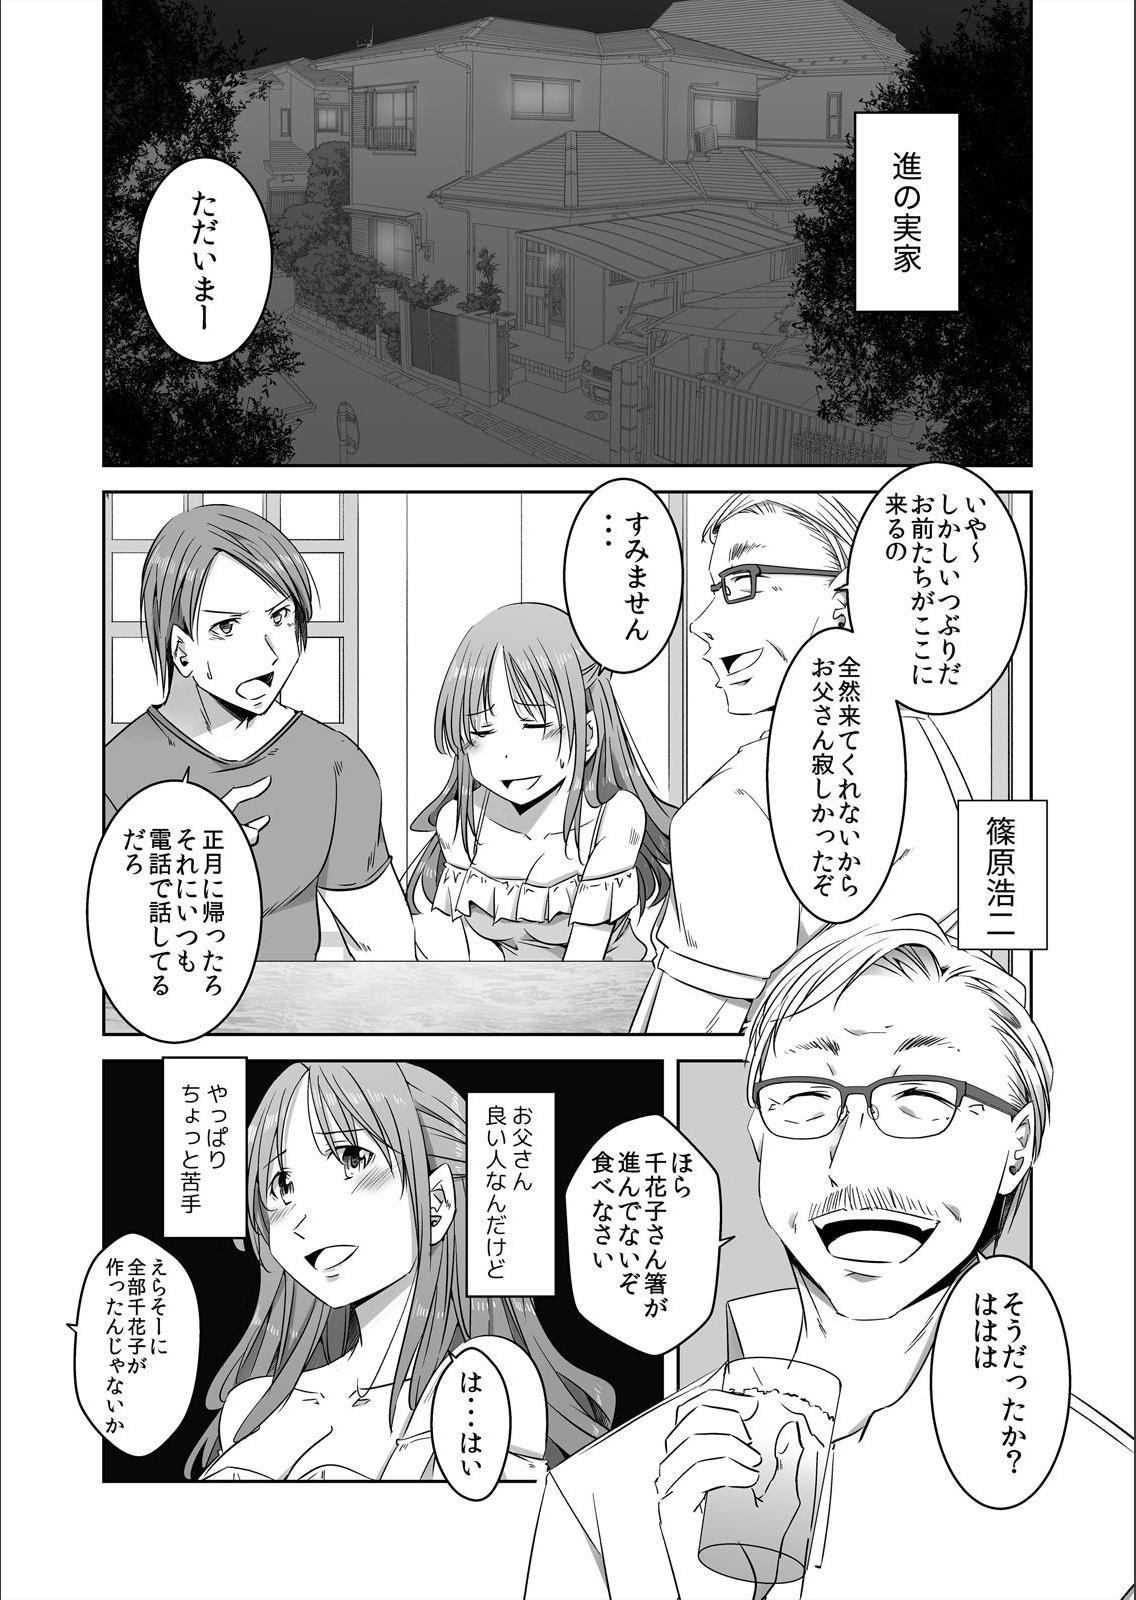 [Bokuboku] Nusumu Hitozuma, Okasu Gifu ~Shujin ni wa Iwanaide Kudasai...~ Ch.1 9